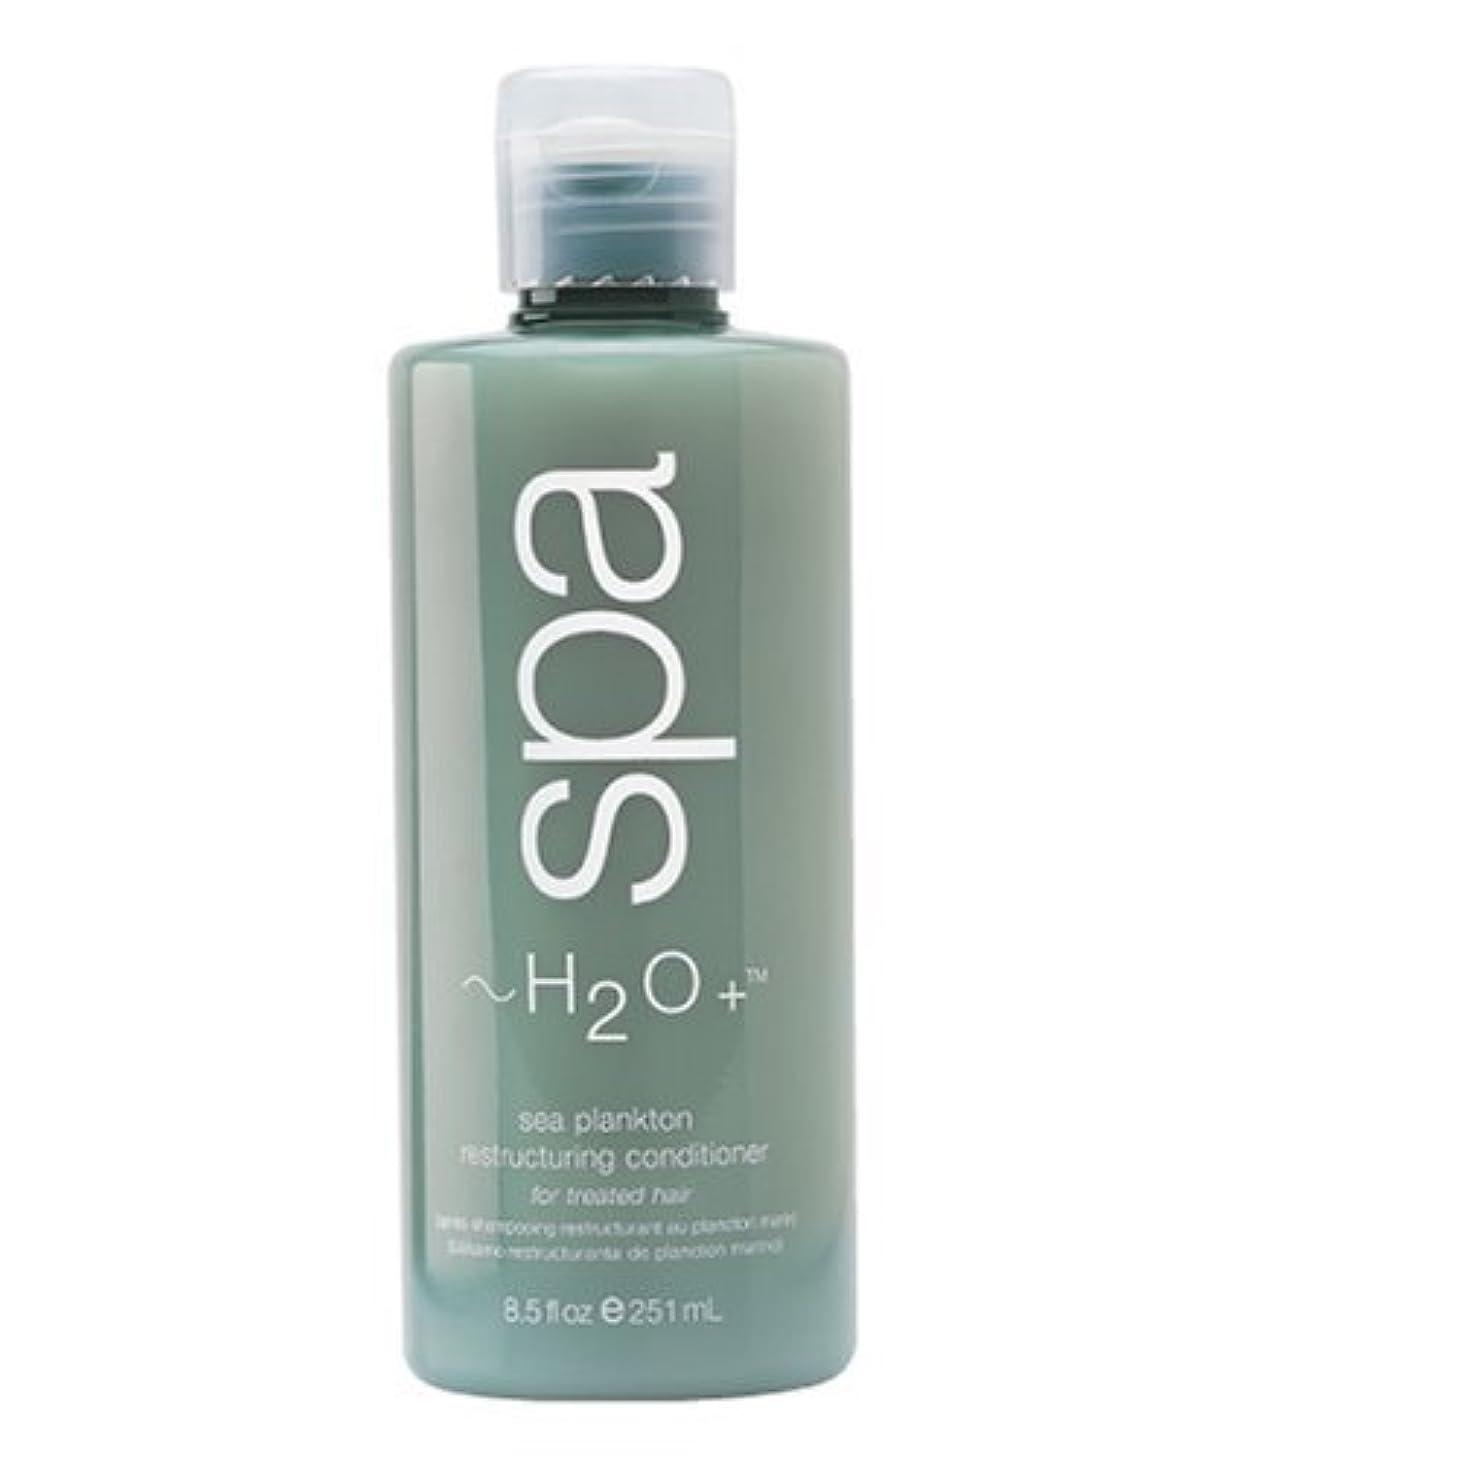 少数けん引前置詞H2O + Sea Plankton Restructuring Conditioner For Treated Hair 8.5 Fl.Oz. by H2O Plus by H2O Plus